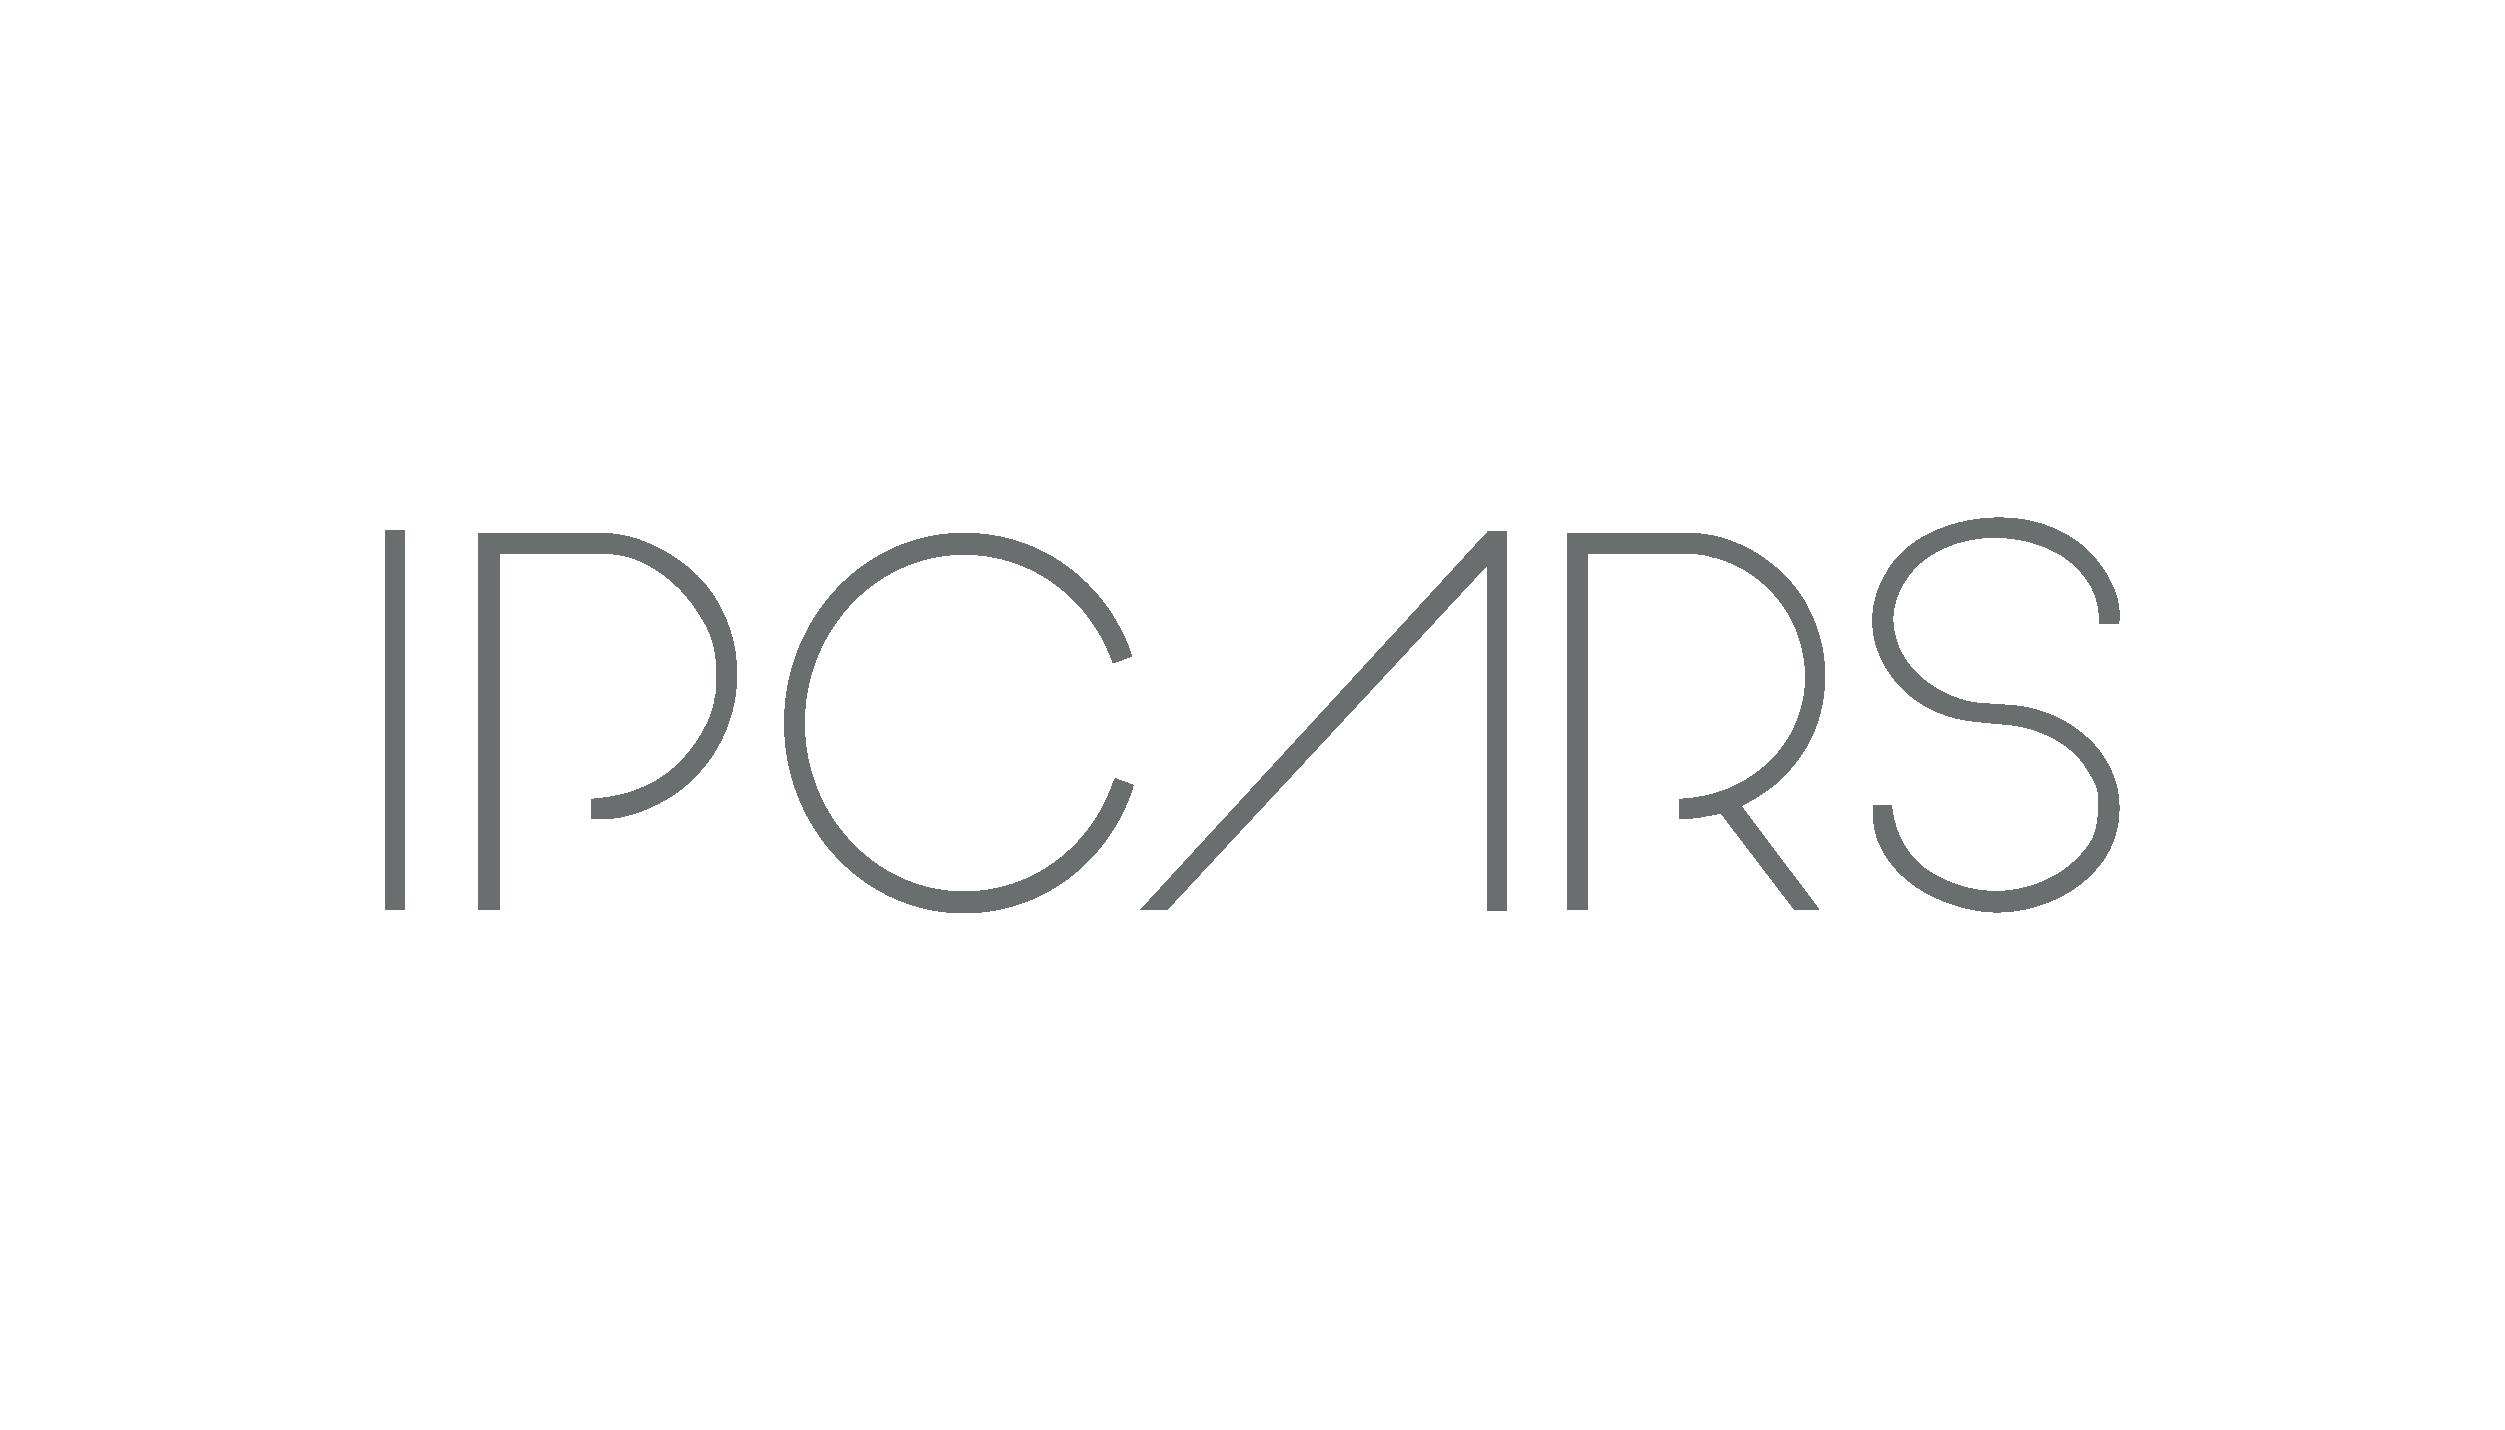 Ipcars